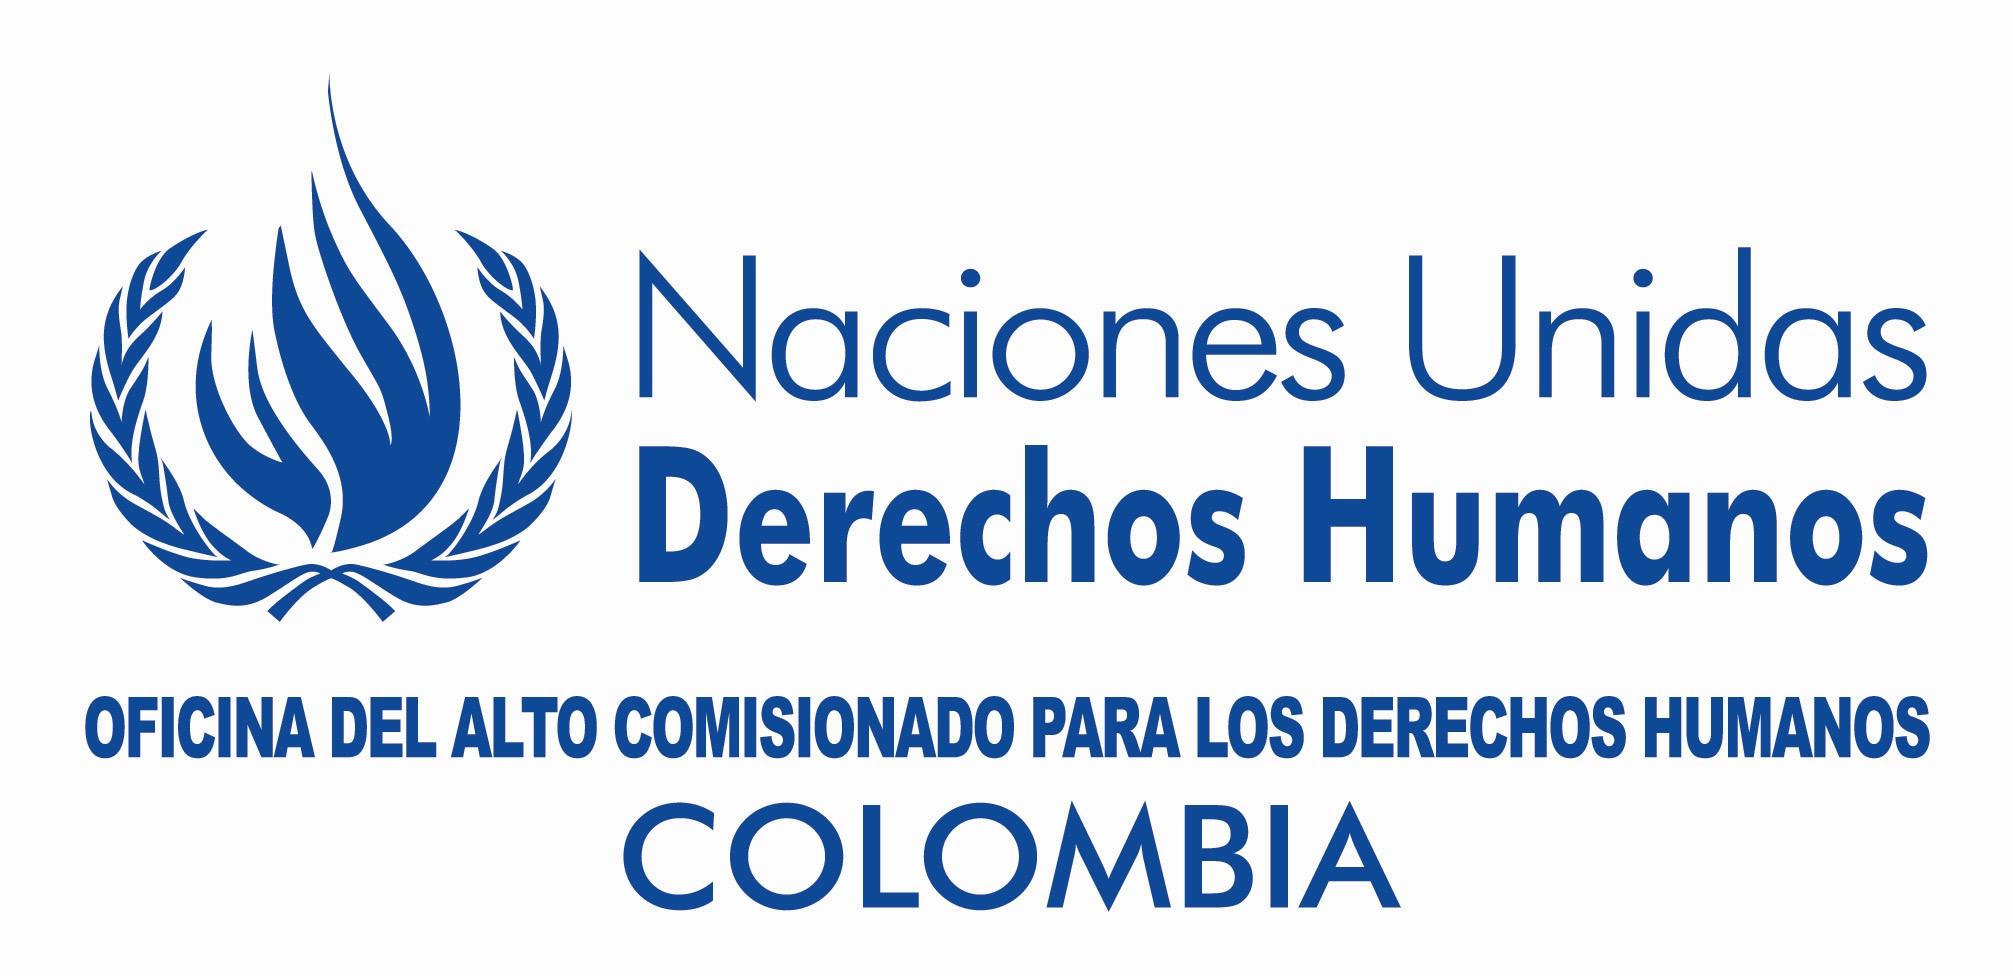 neciones-derechos-humanos-colombia